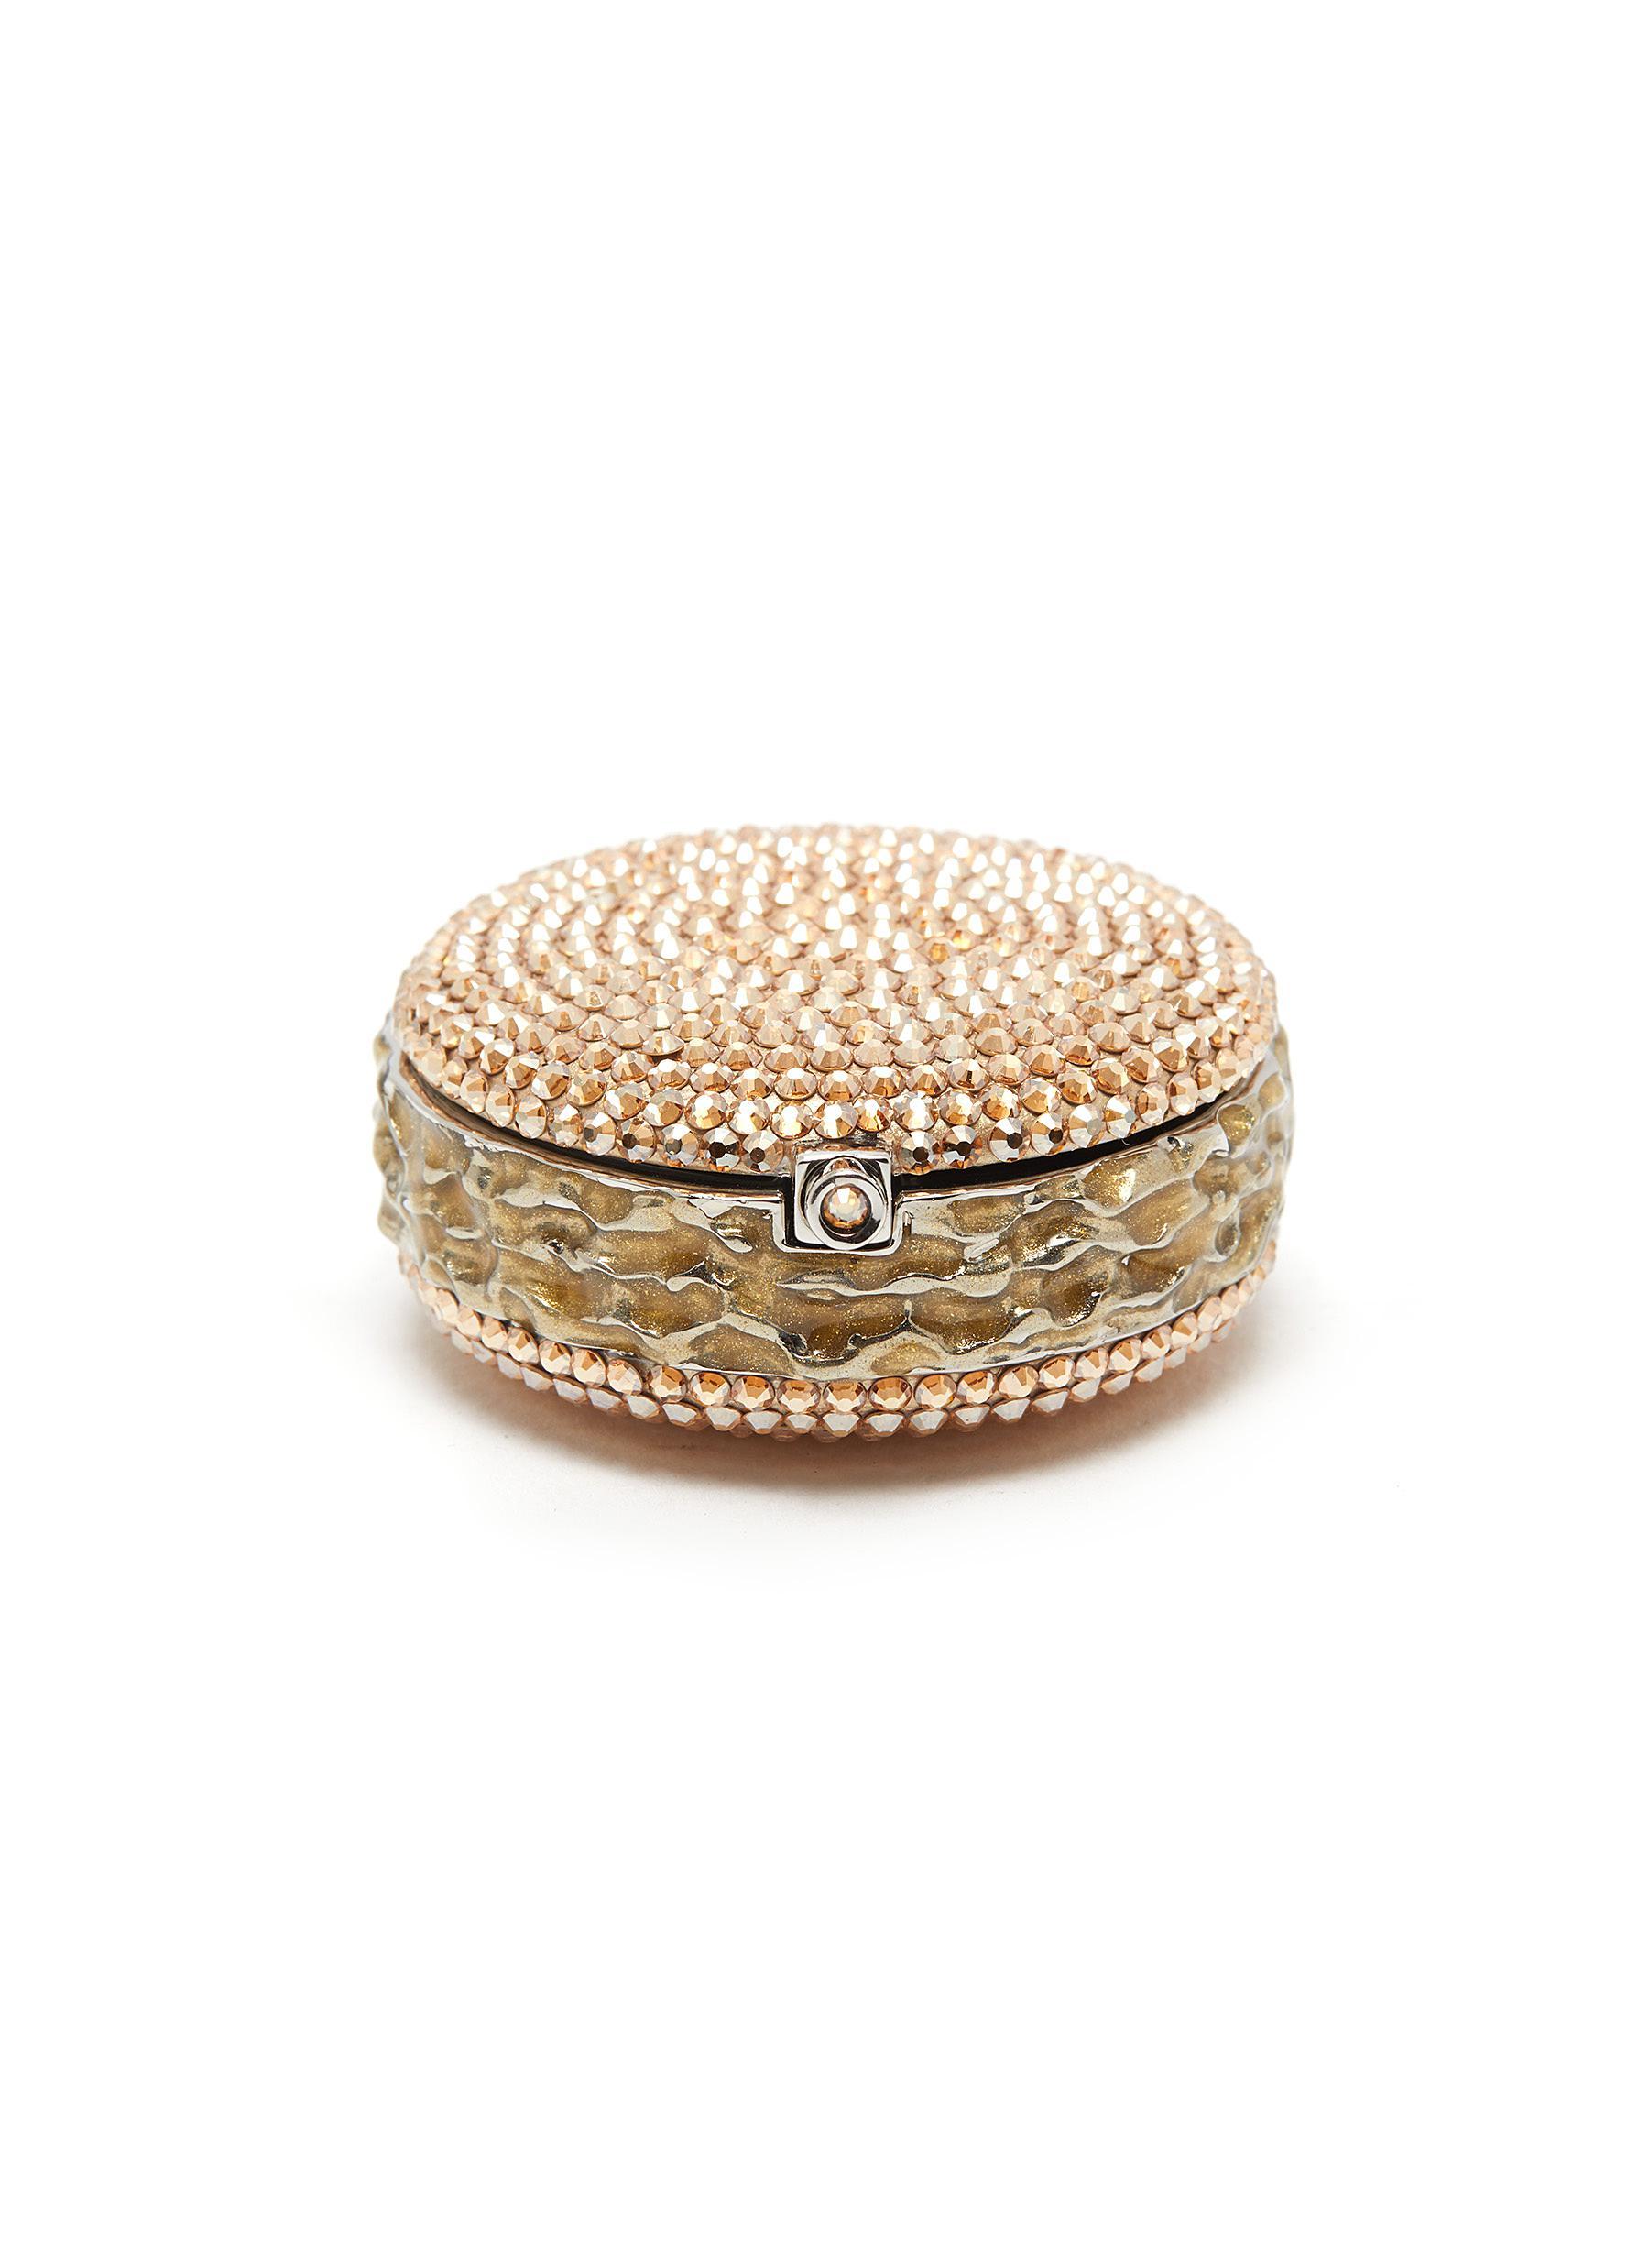 Macaron Pillbox Caramel